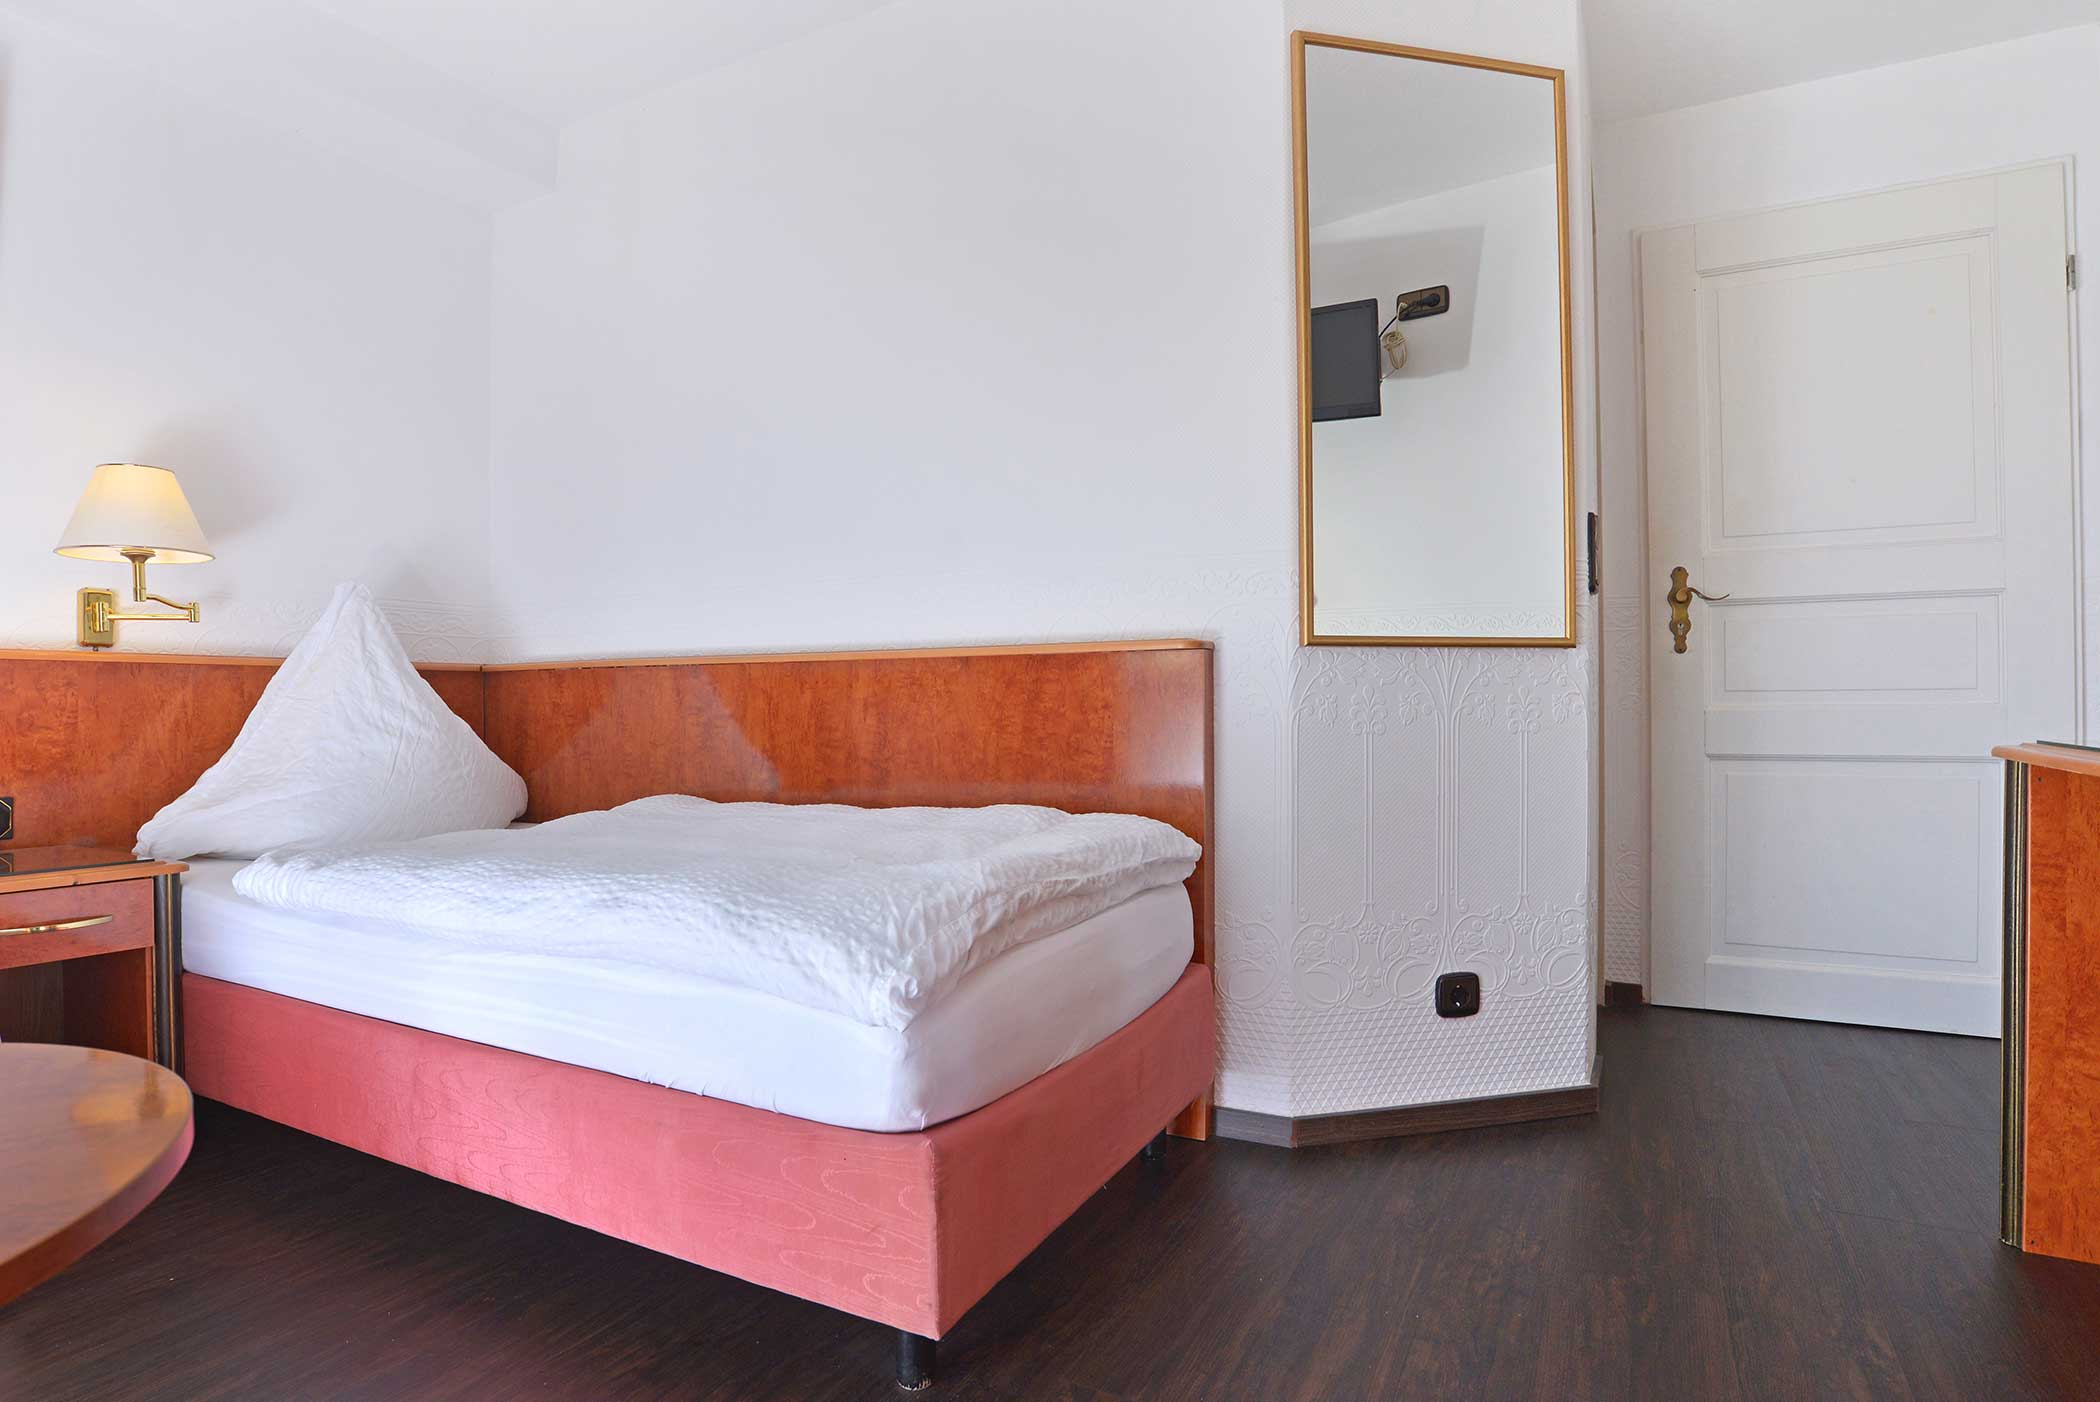 Single room Standard Hotel Zehnthof Cochem Moselle